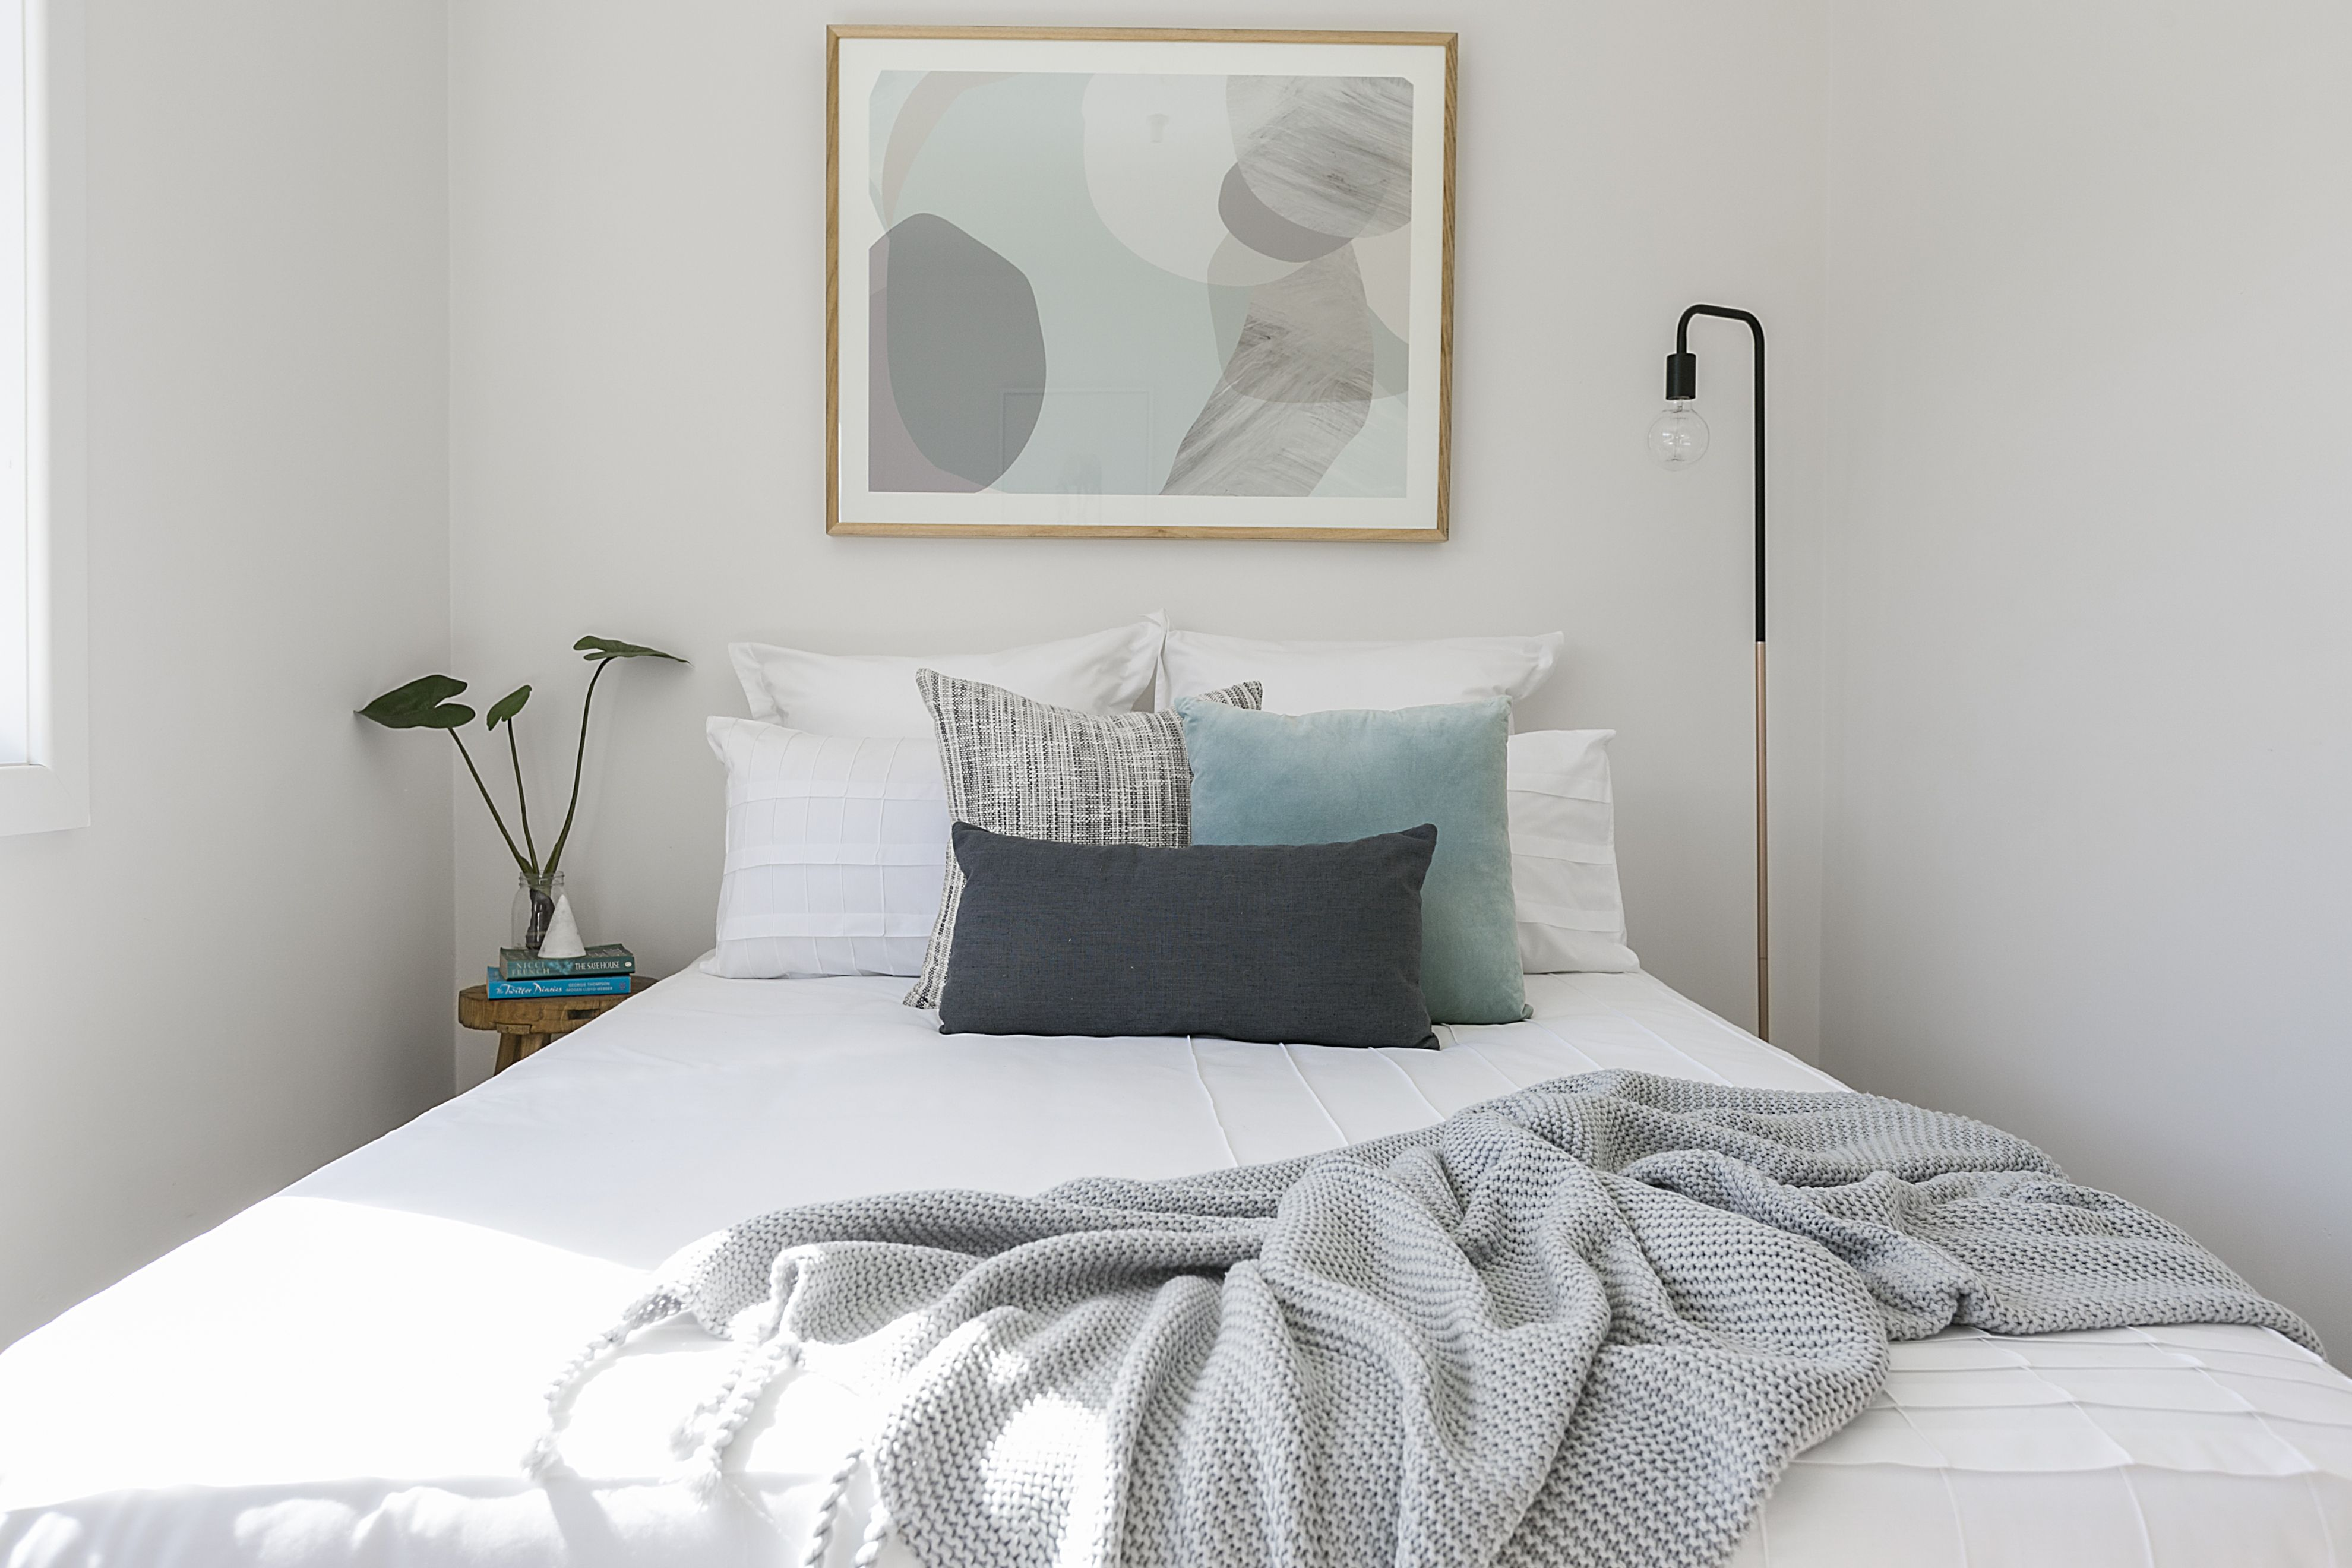 Pastel bedroom ideas, white linen, timber framed art | Dream ...